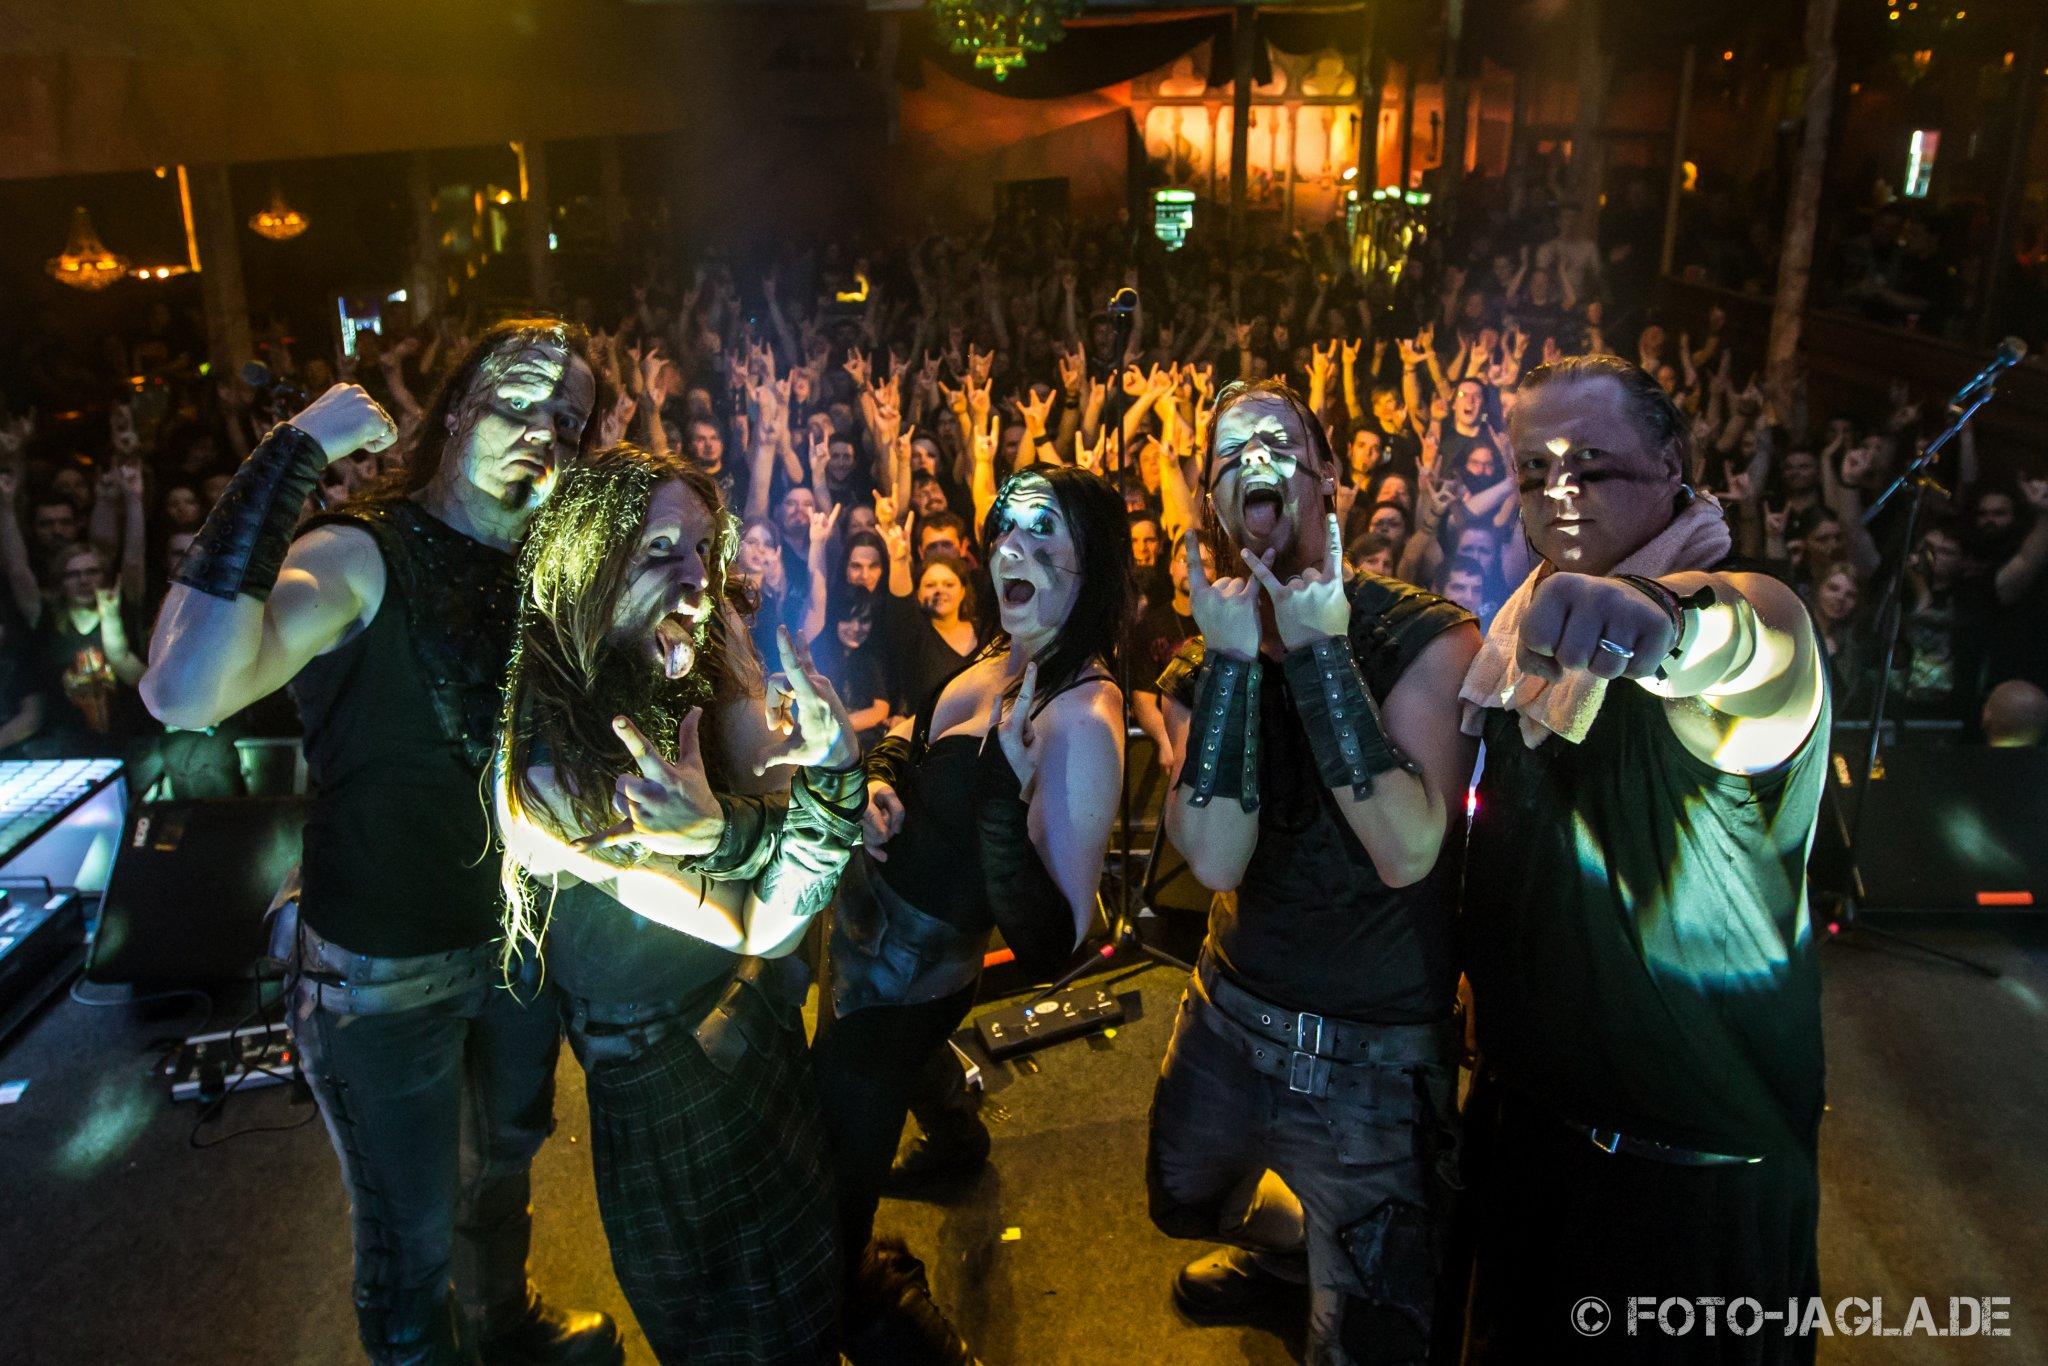 Abschlussfoto von Ensiferum auf ihrer